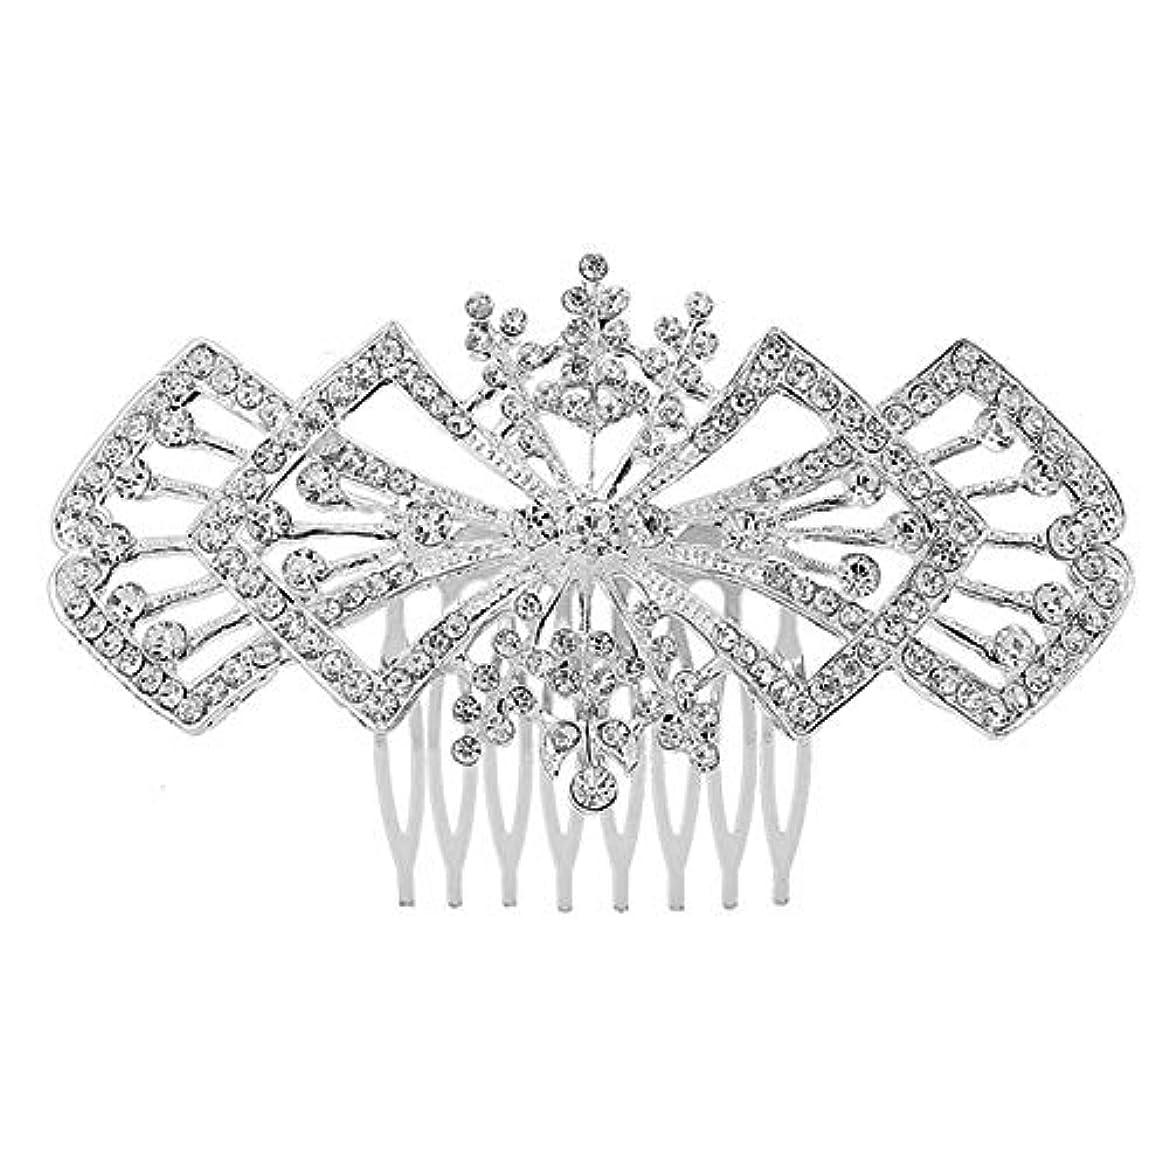 ディスコパブ魔術髪の櫛の櫛の櫛の花嫁の髪の櫛の花の髪の櫛のラインストーンの挿入物の櫛の合金の帽子の結婚式の宝石類